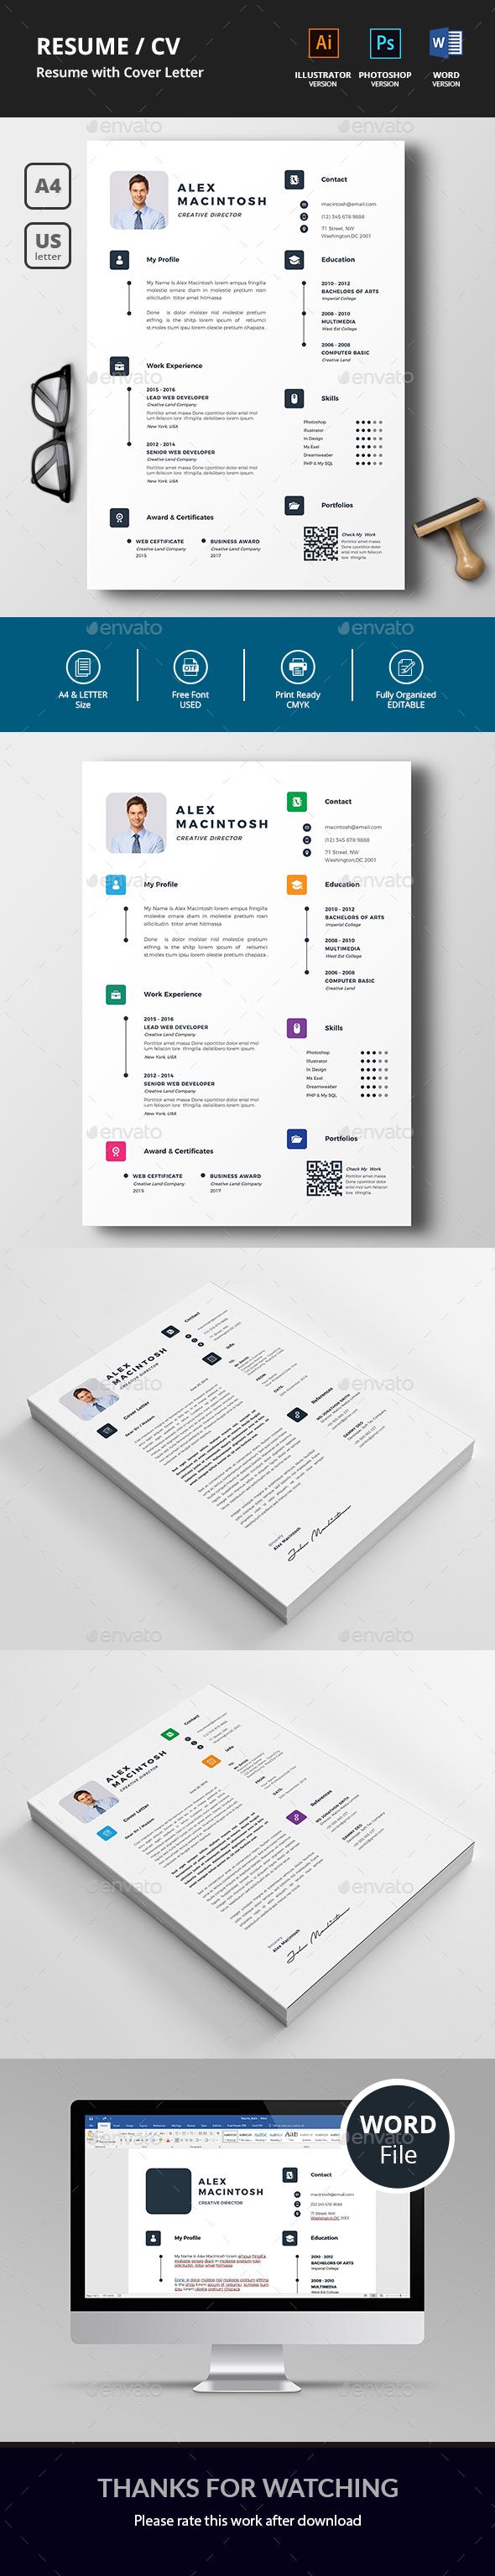 GraphicRiver Resume CV 20901749